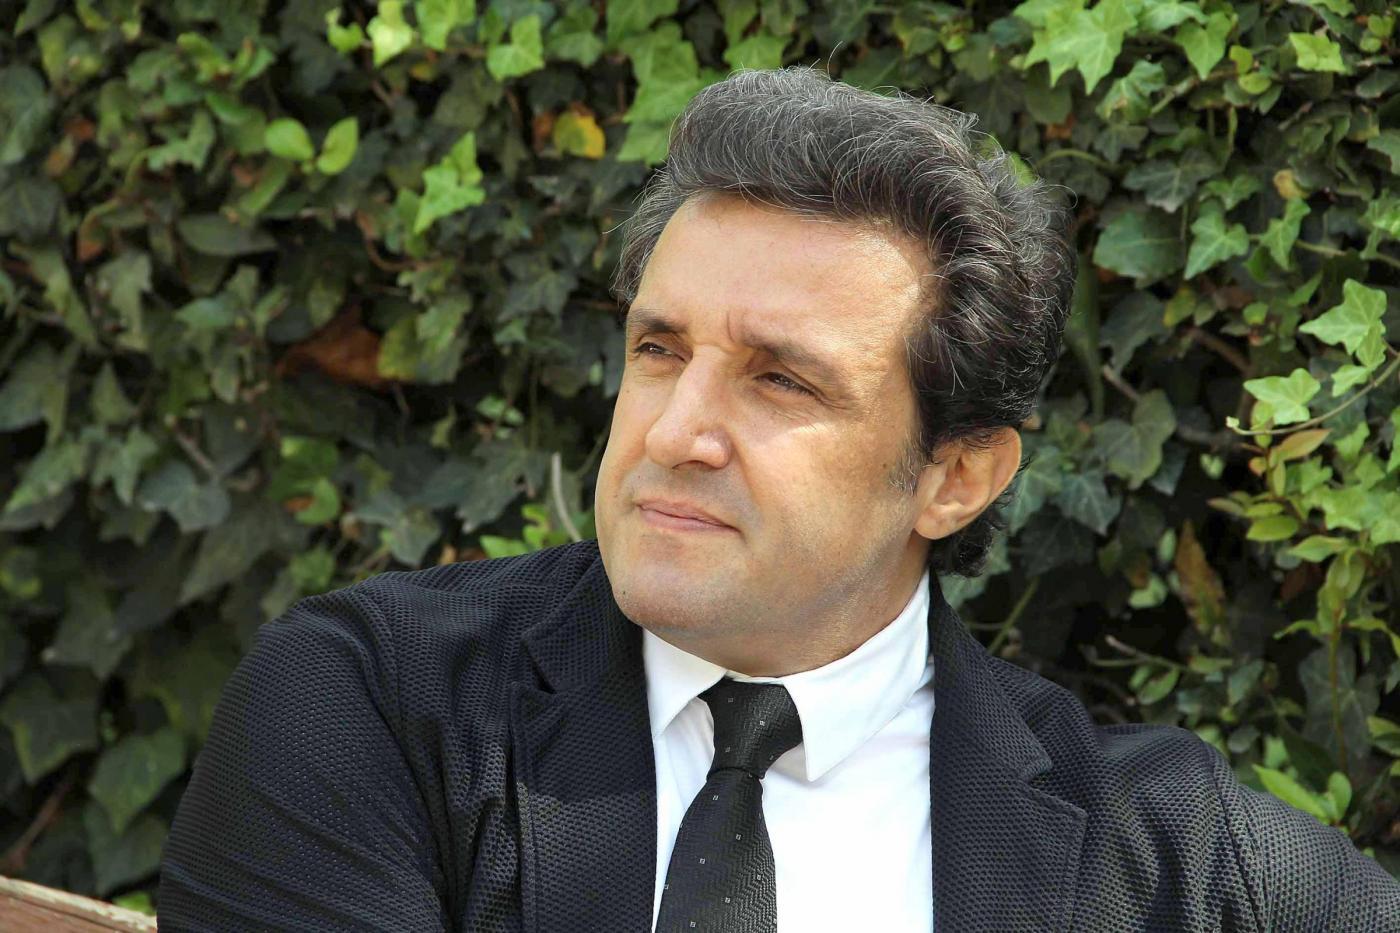 Flavio Insinna contro Antonio Ricci, il conduttore di Affari Tuoi: 'Pretendo rispetto'